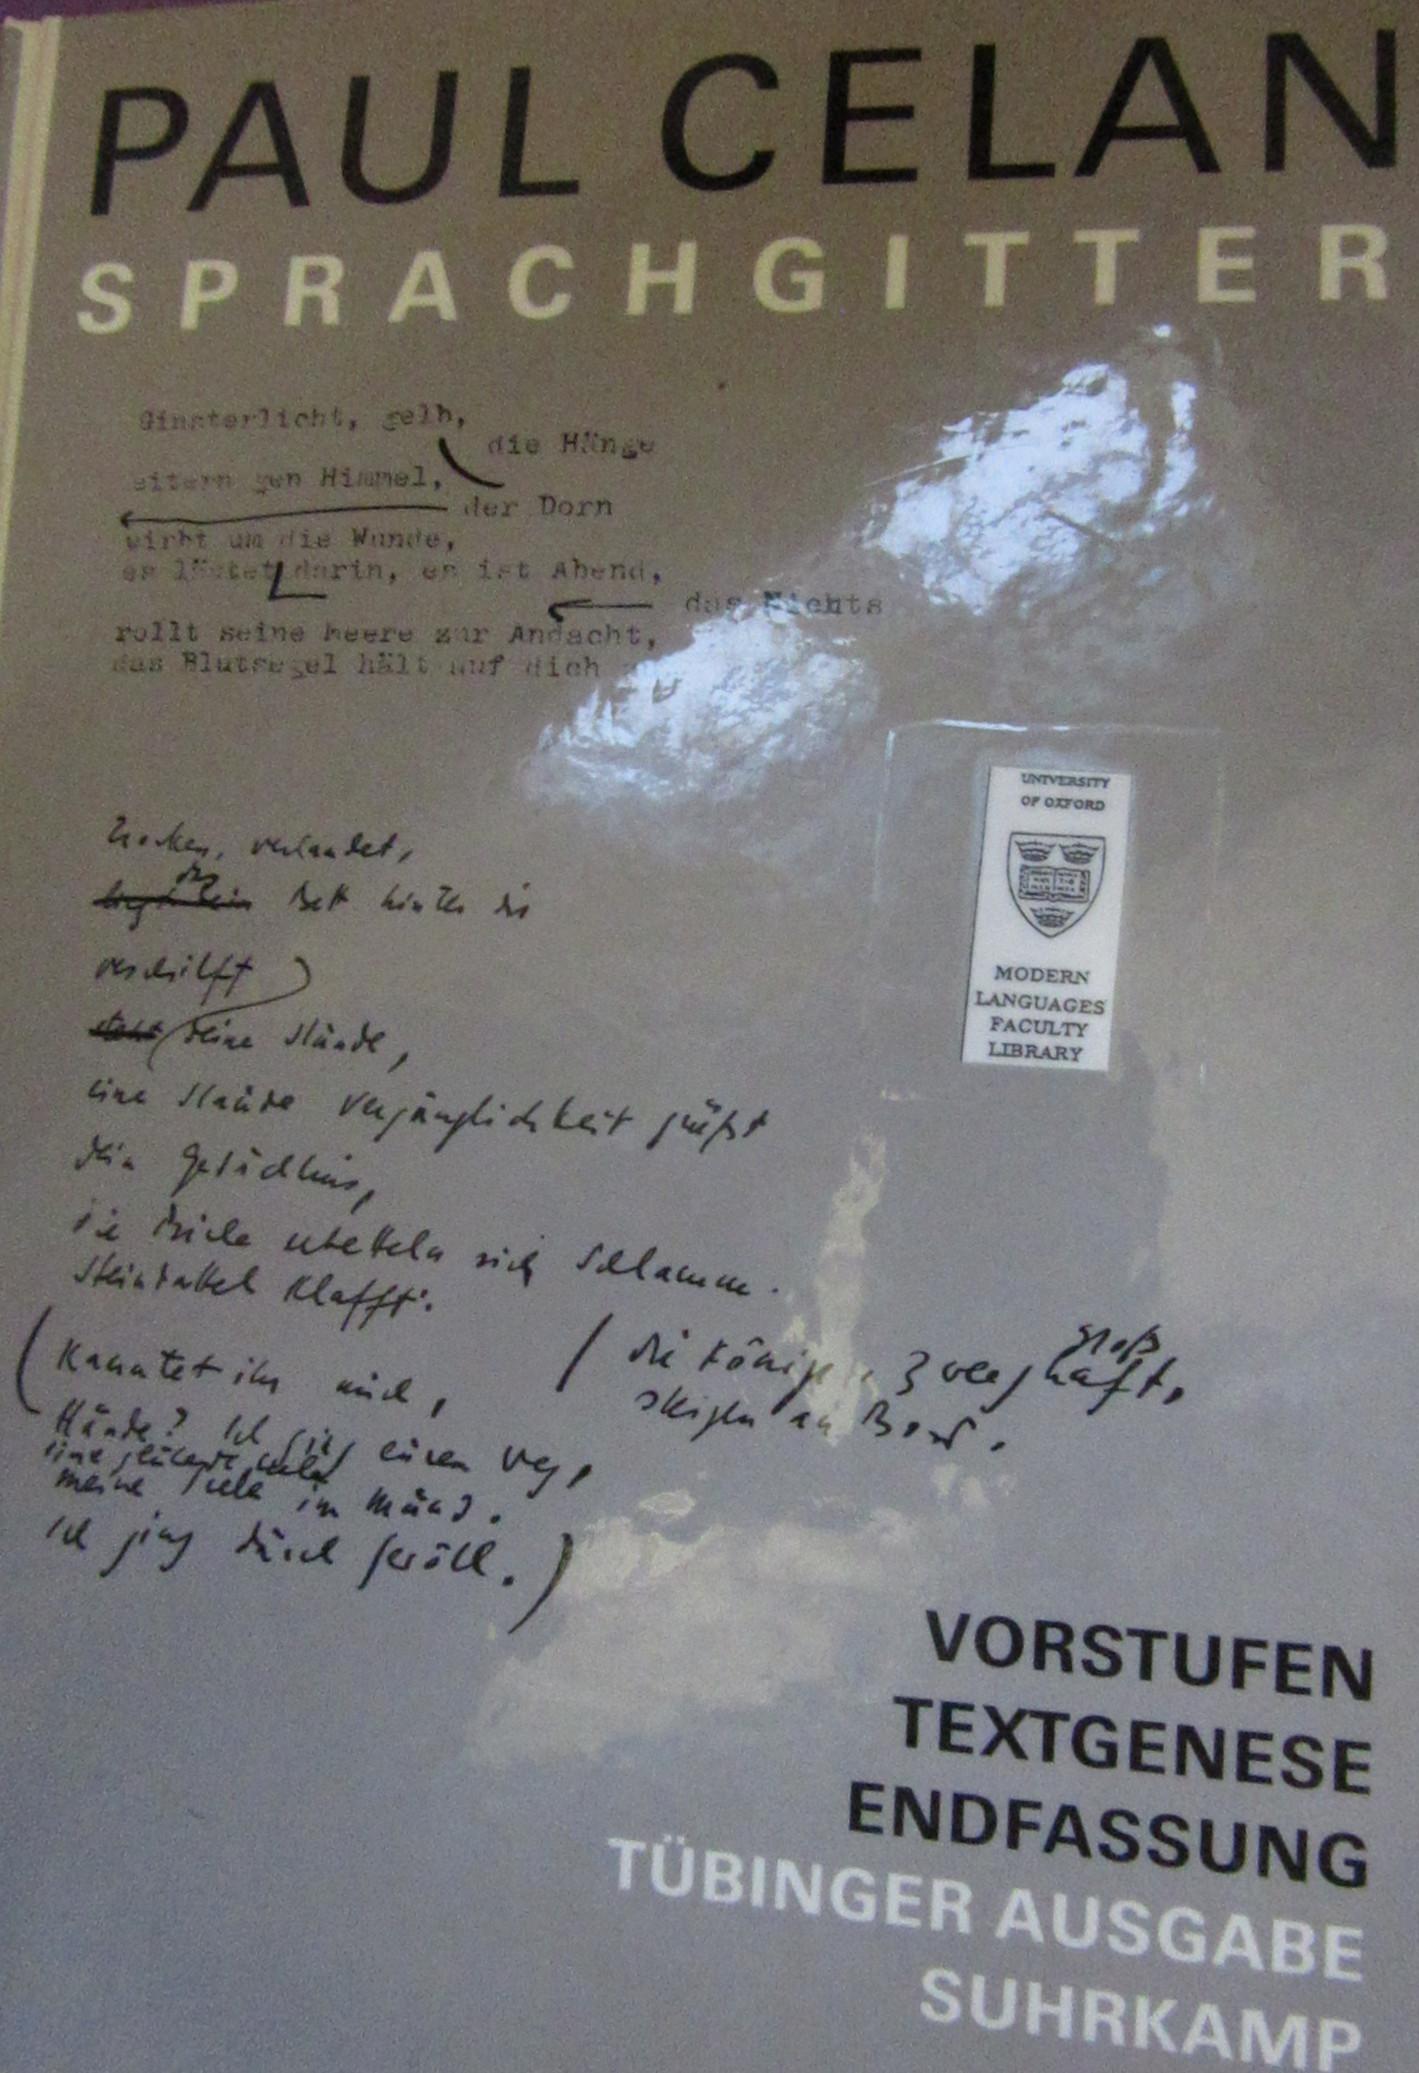 Celan, Paul., Heino. Schmull, and Michael. Schwarzkopf. Sprachgitter : Vorstufen, Textgenese, Endfassung. Frankfurt am Main: Suhrkamp Verlag, 1996.